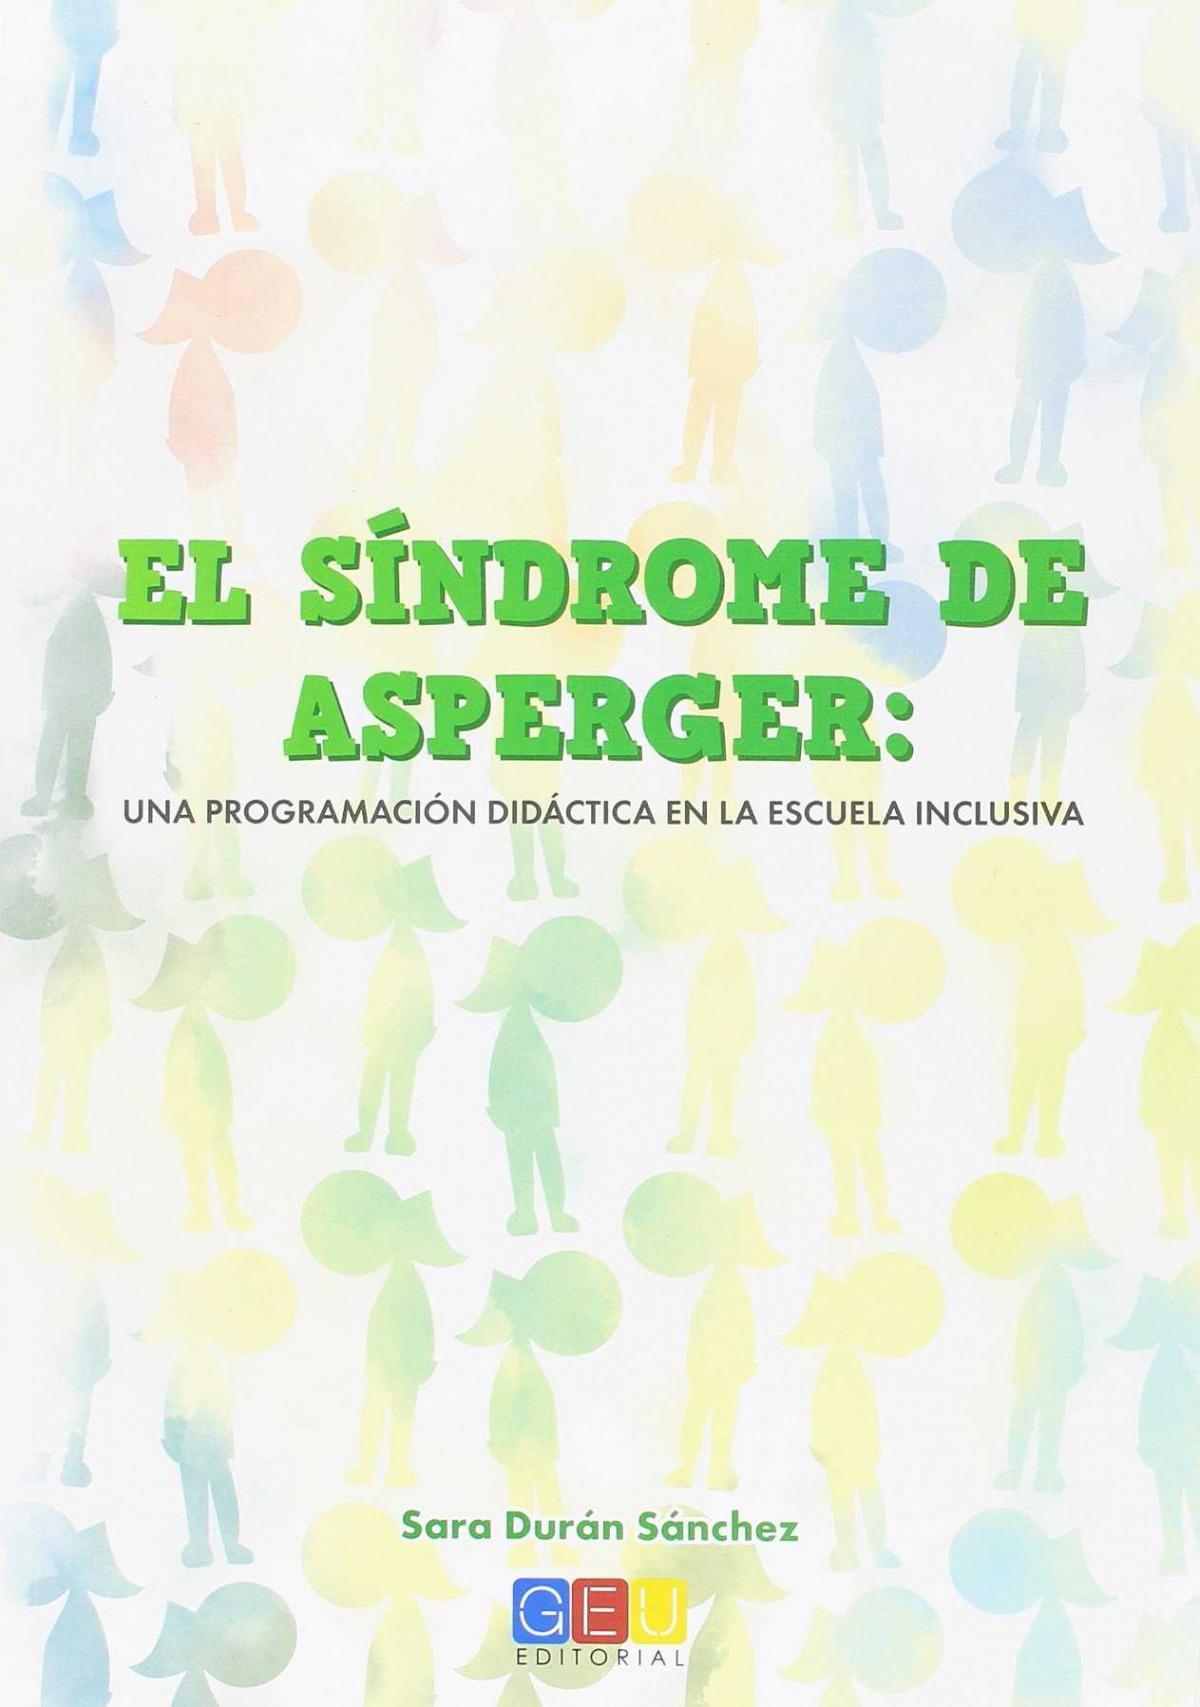 El sindrome de asperger: Una programación didáctica en la escuela inclusiva